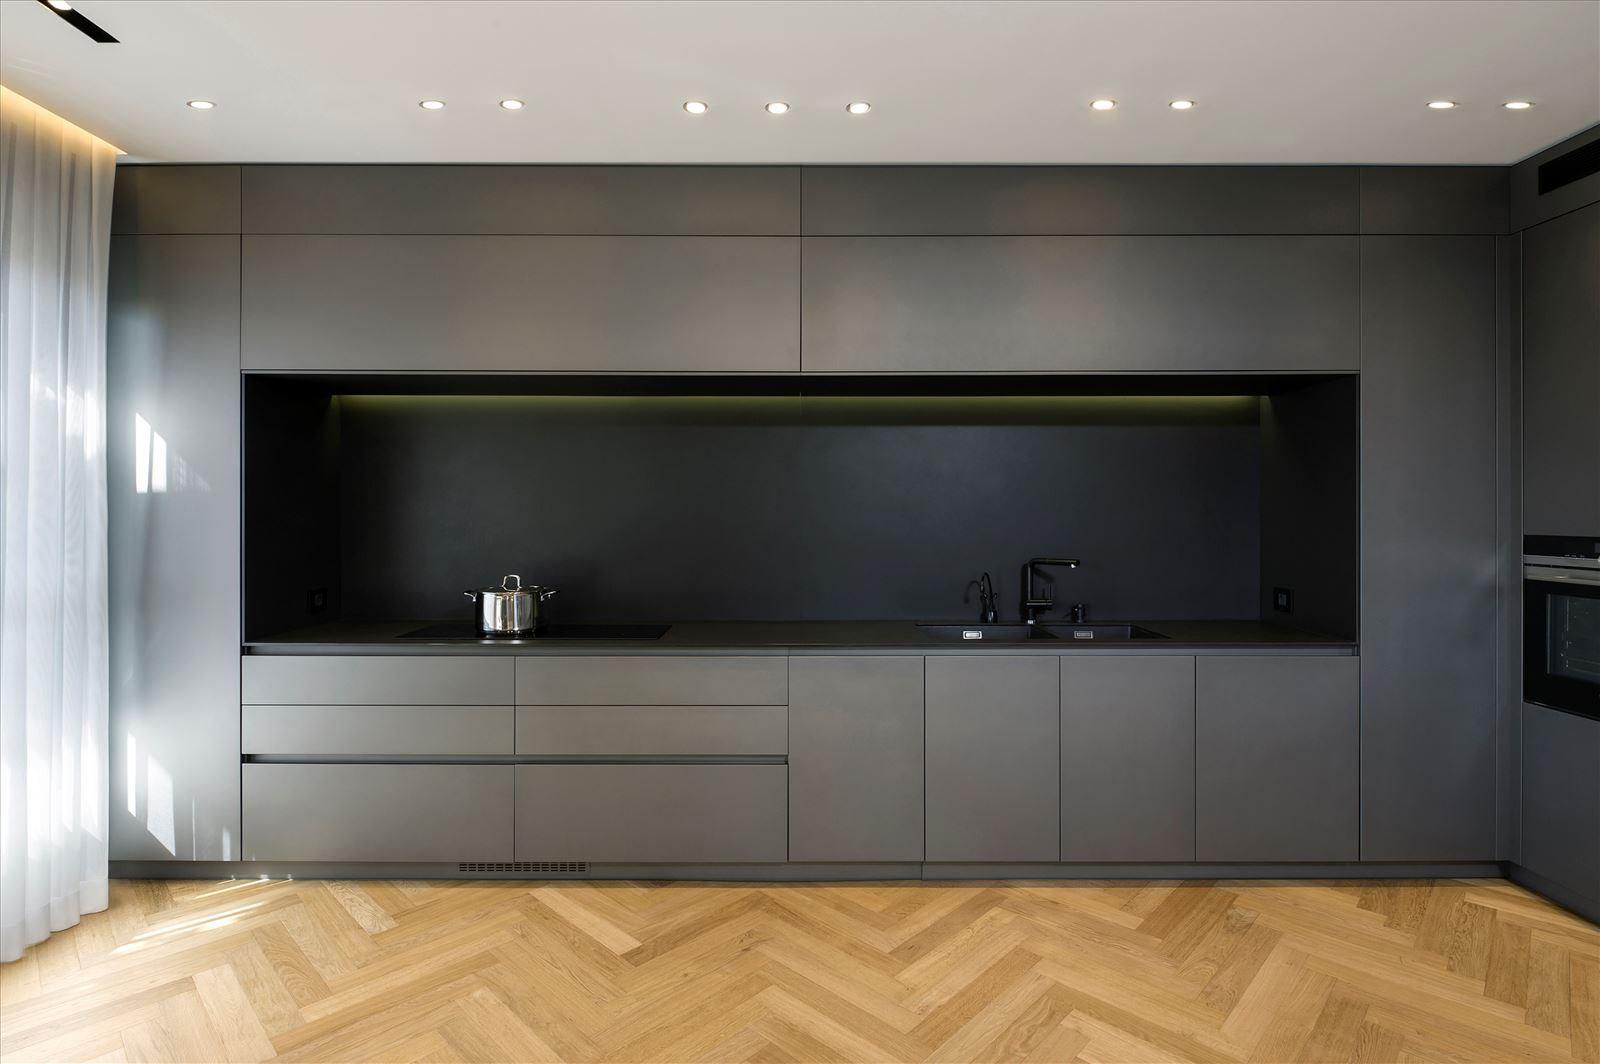 Penthouse - Petah Tikva גופי תאורה בחלל המטבח נעשה על ידי דורי קמחי